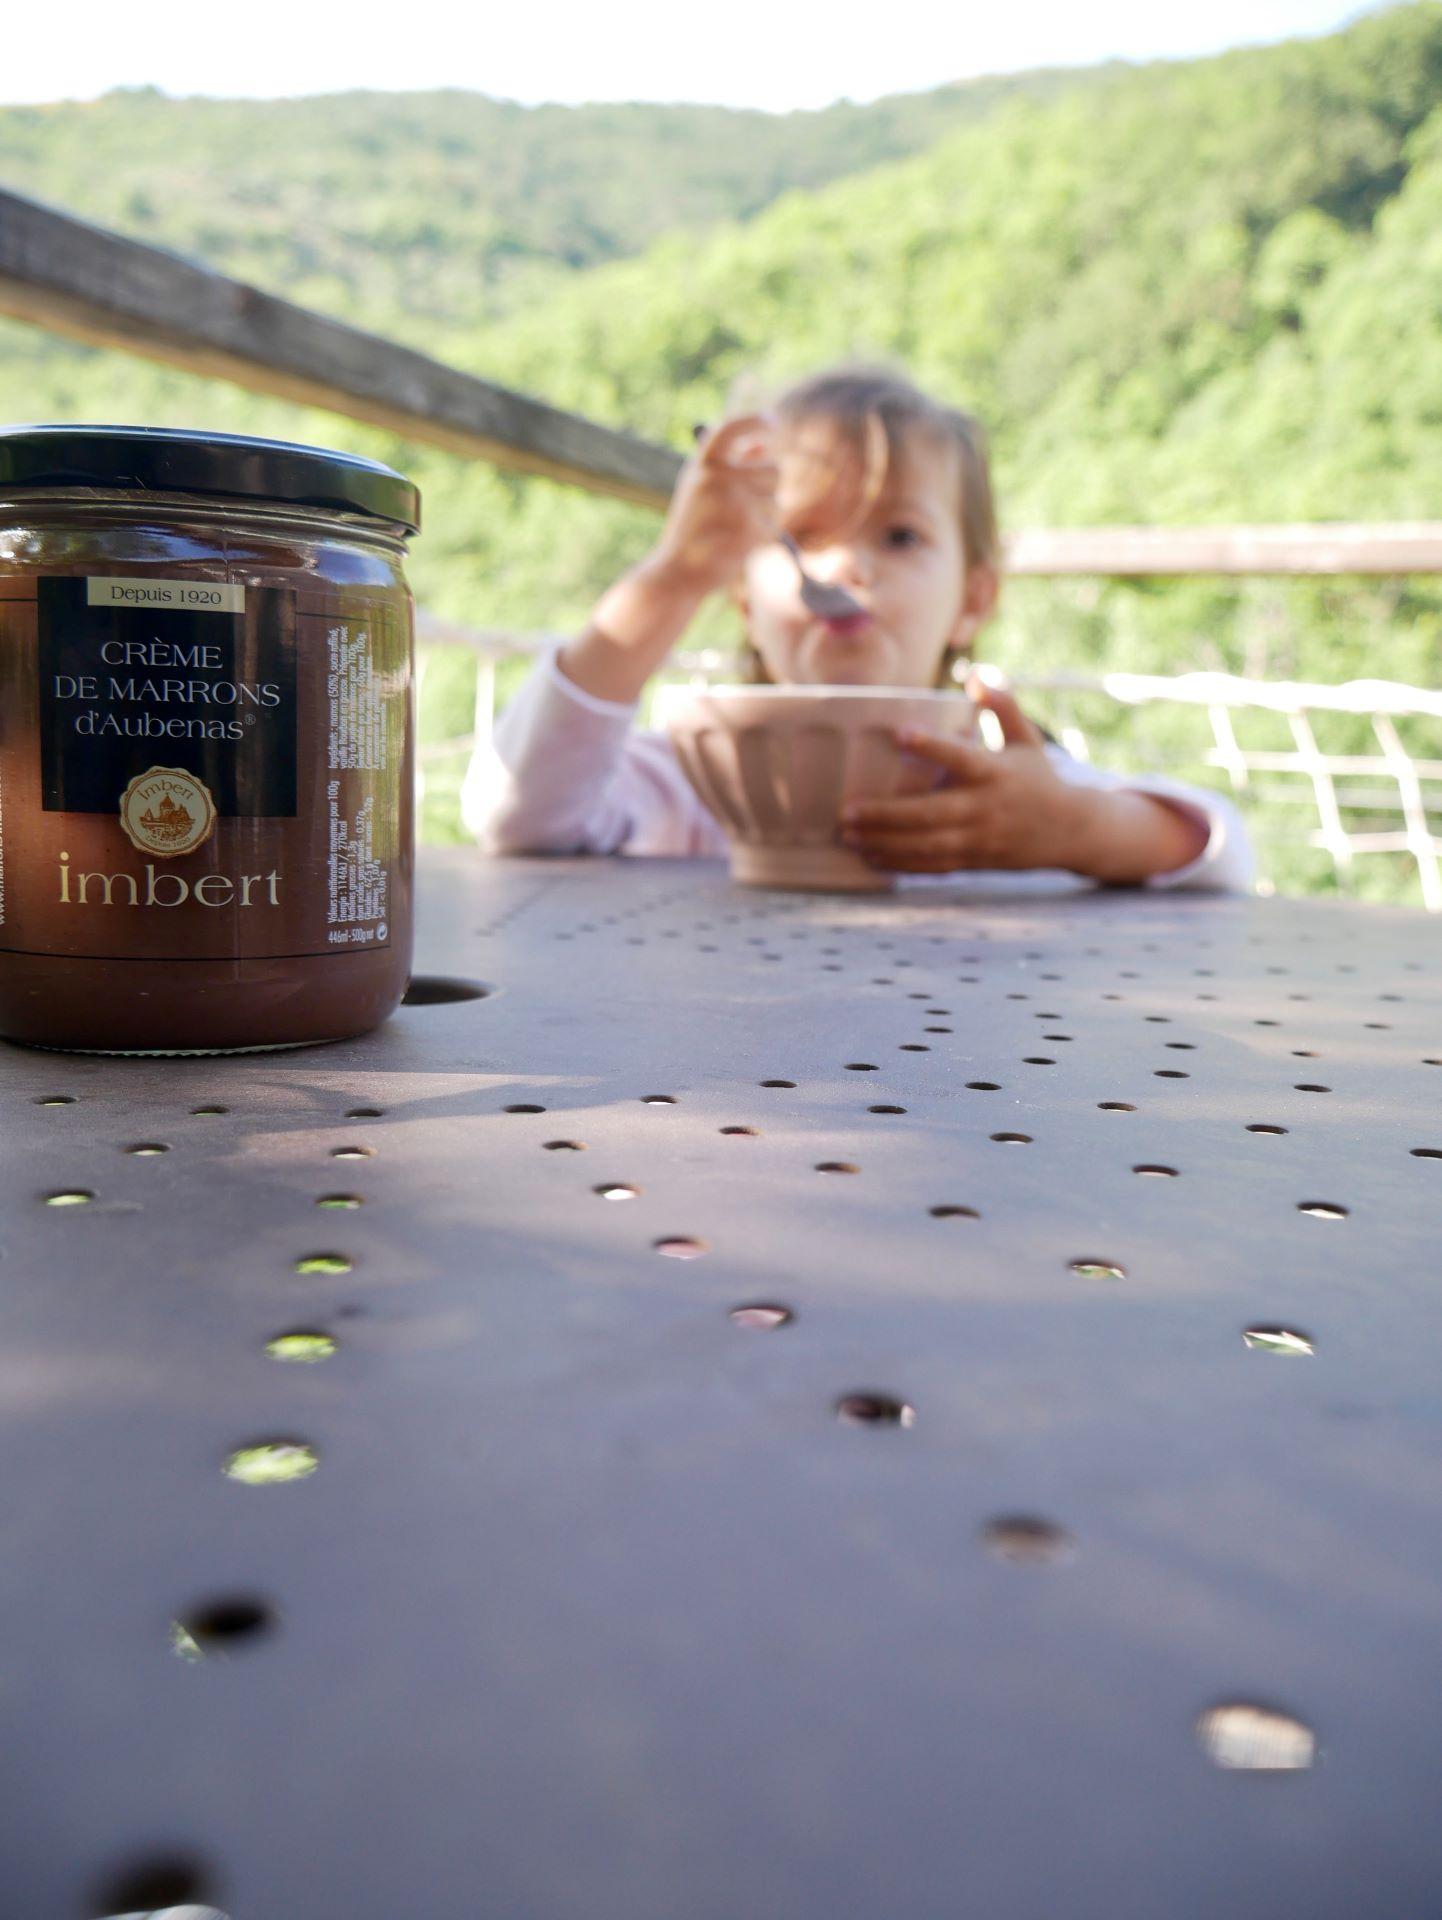 week end ardeche. Crème de marrons d'Aubenas